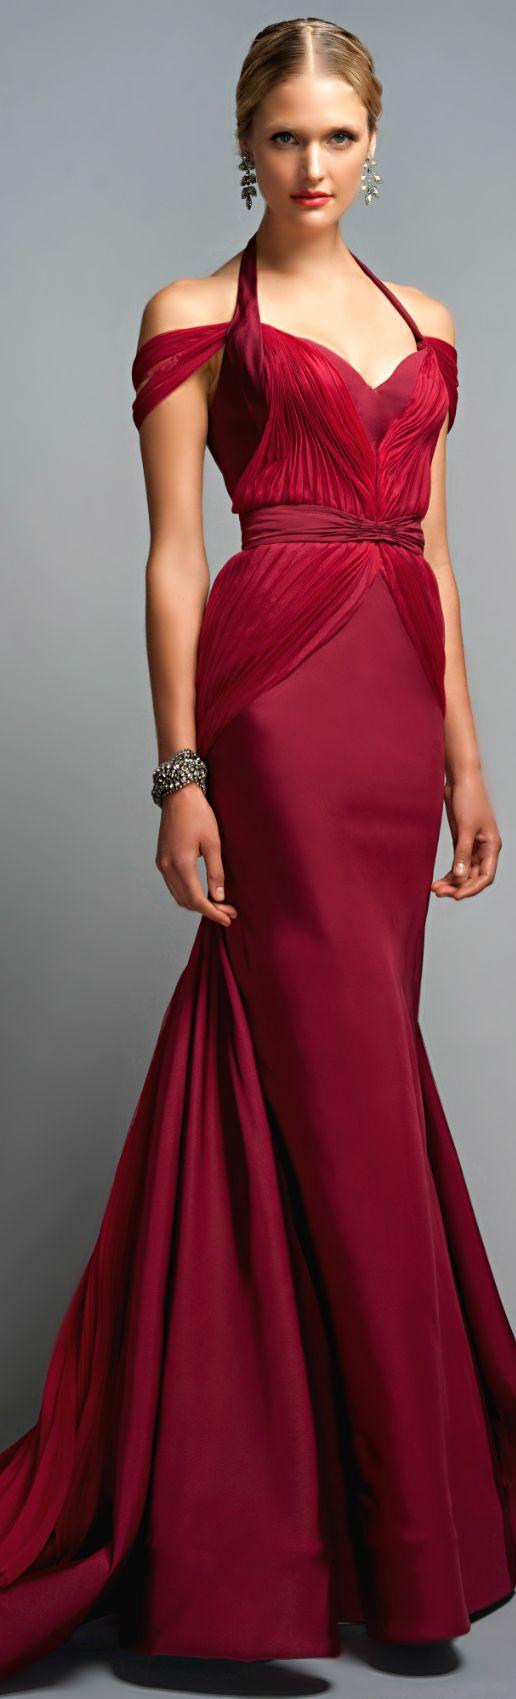 Zac Posen ● Halter Evening Gown